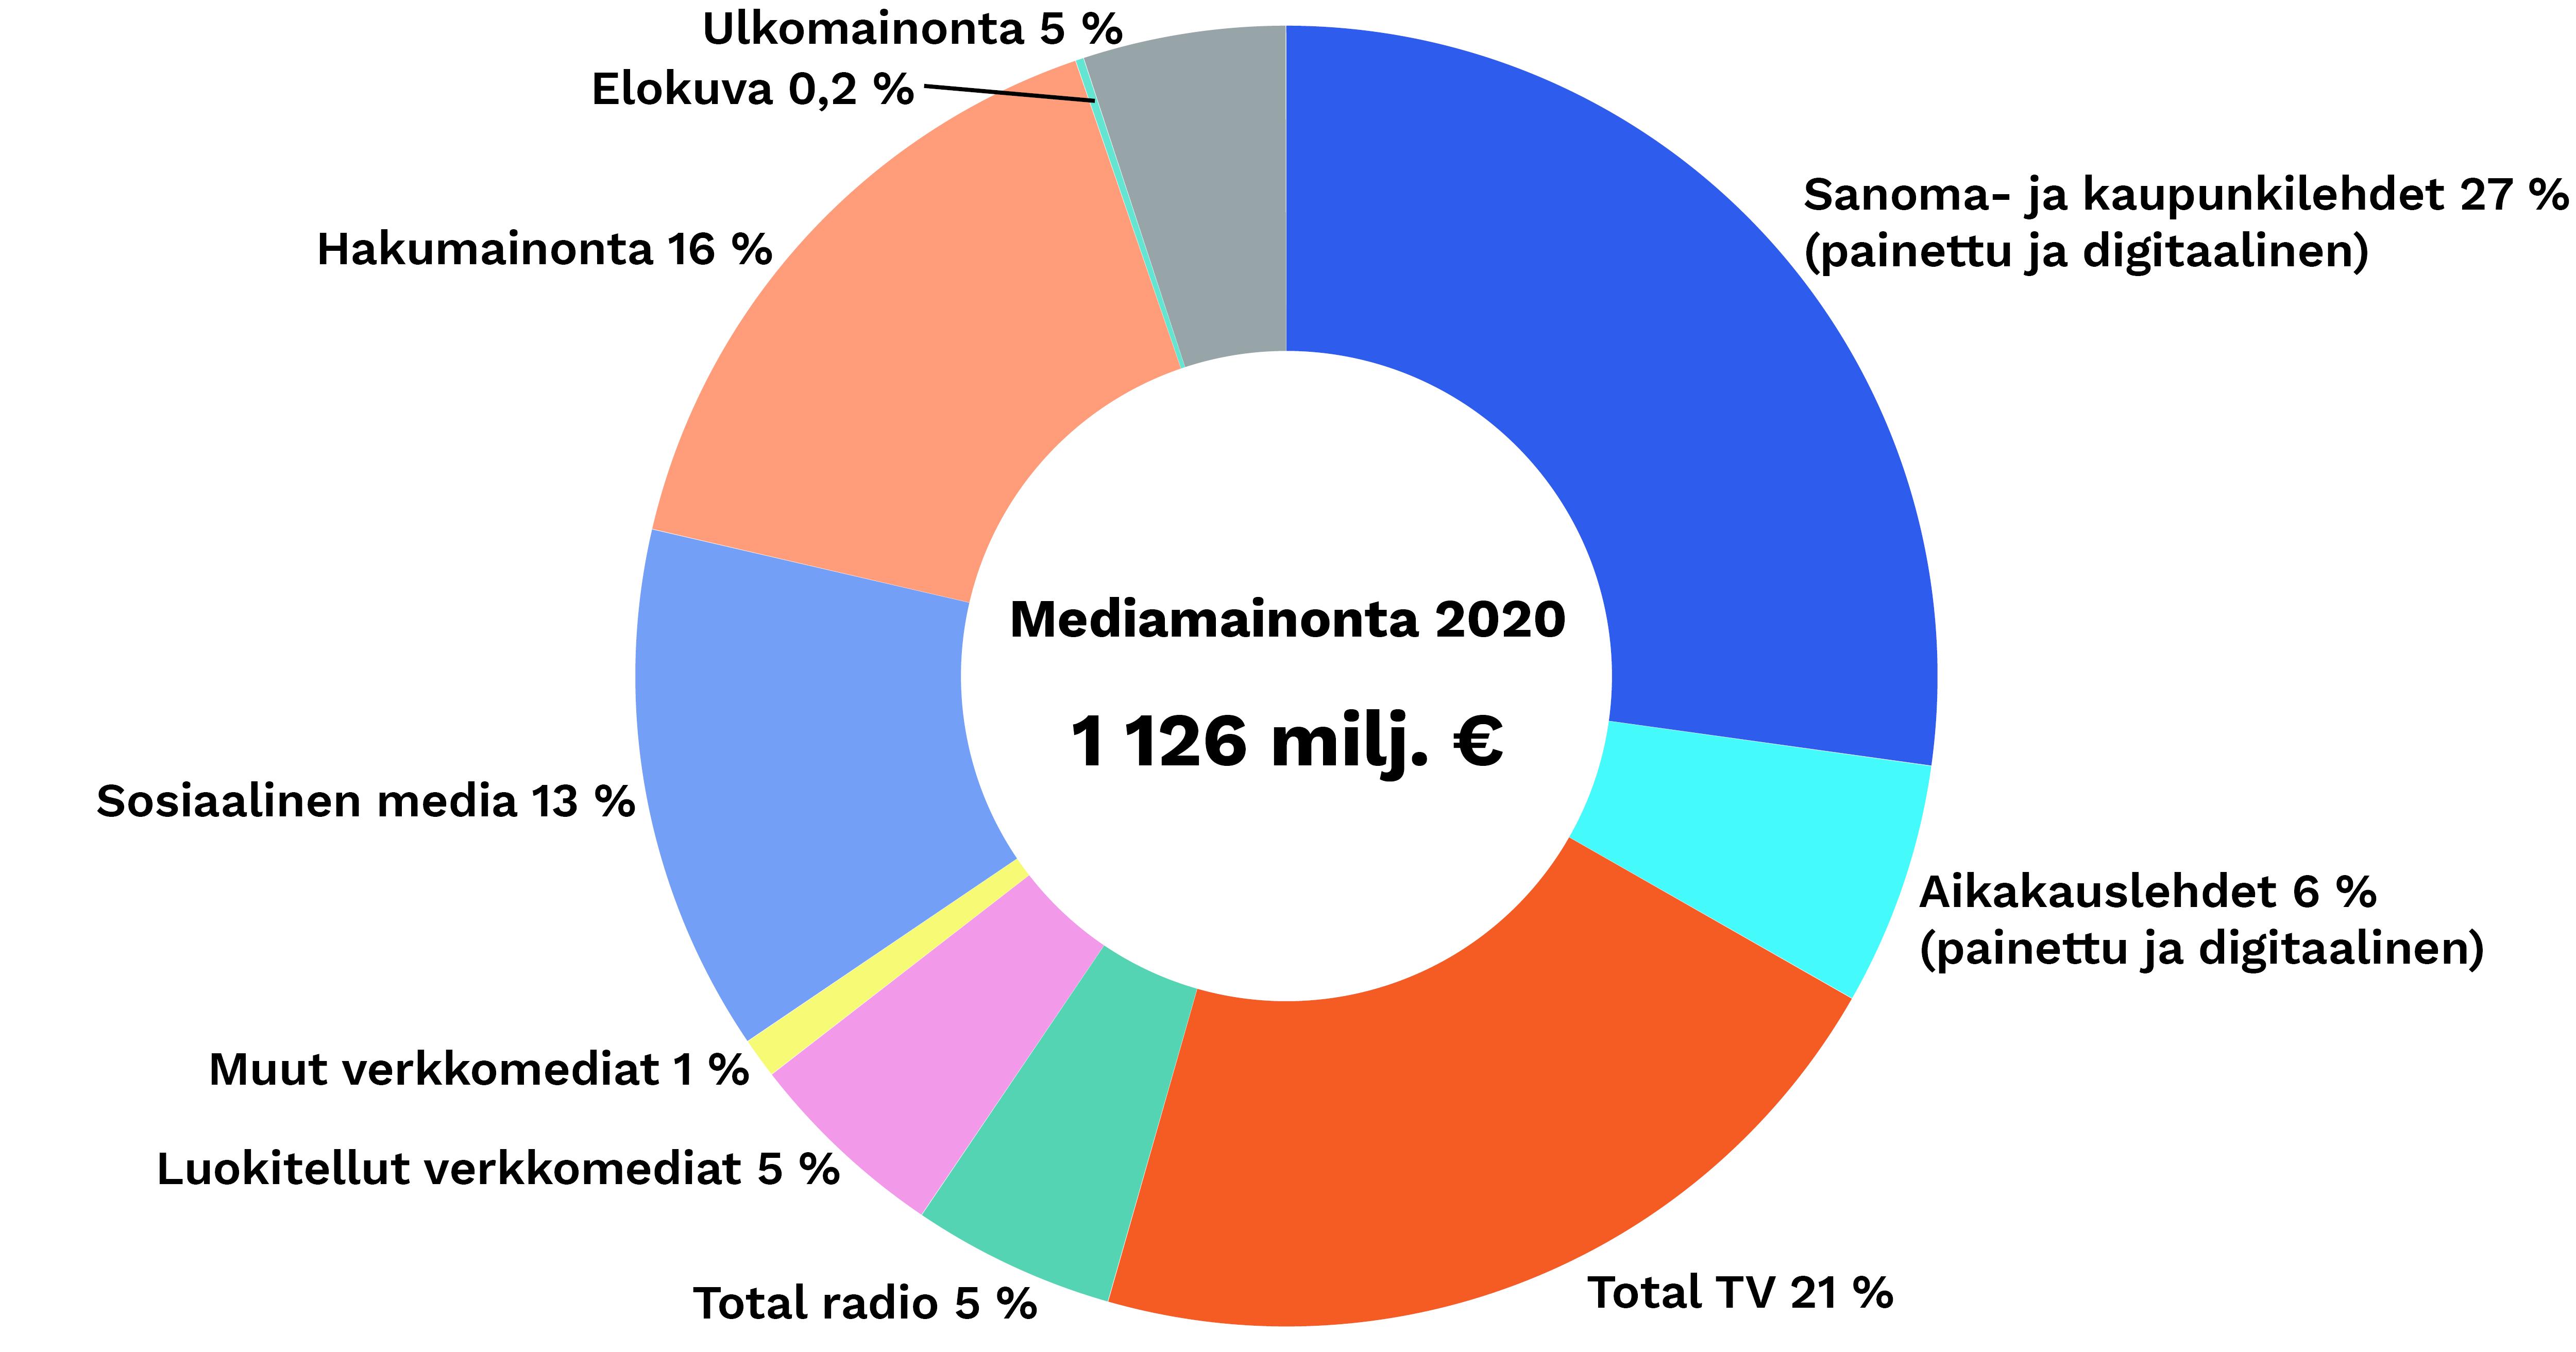 Mediamainonta vuonna 2020 mediaryhmittäin